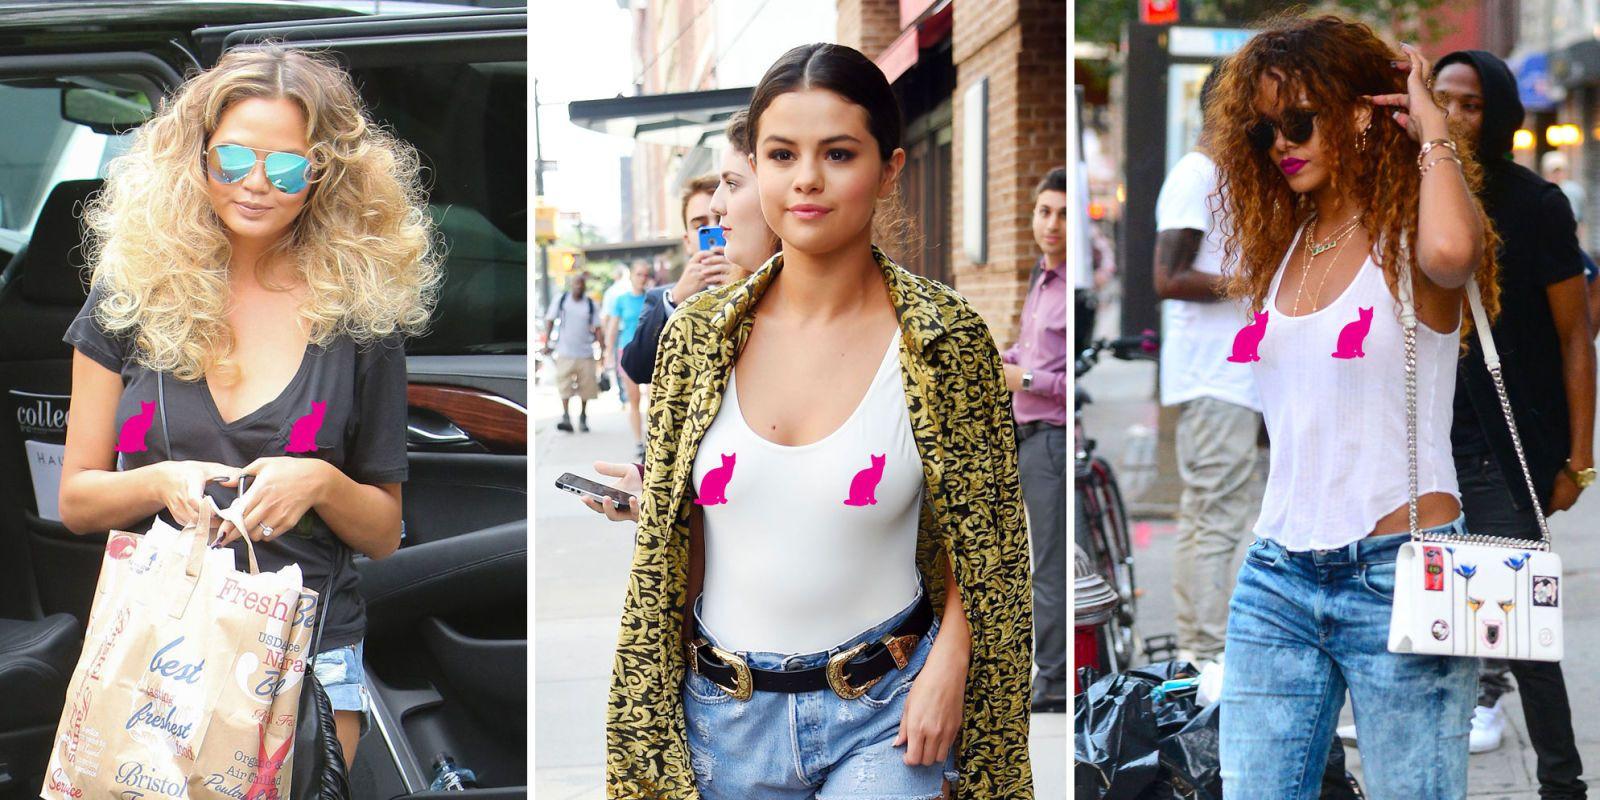 CAROLE: Hollywood busty nipples